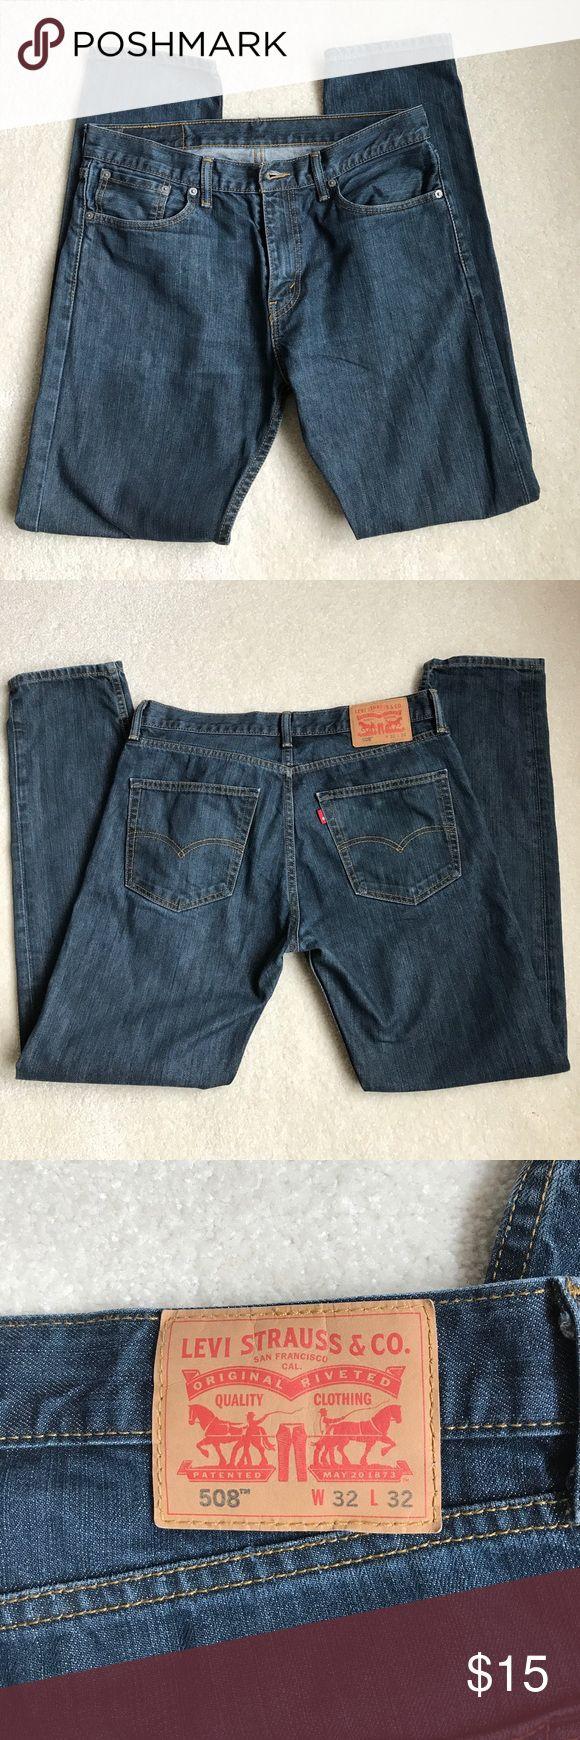 Men's Levi 508 jeans Men's Levi 508 jeans. Perfect condition. Levi's Jeans Straight